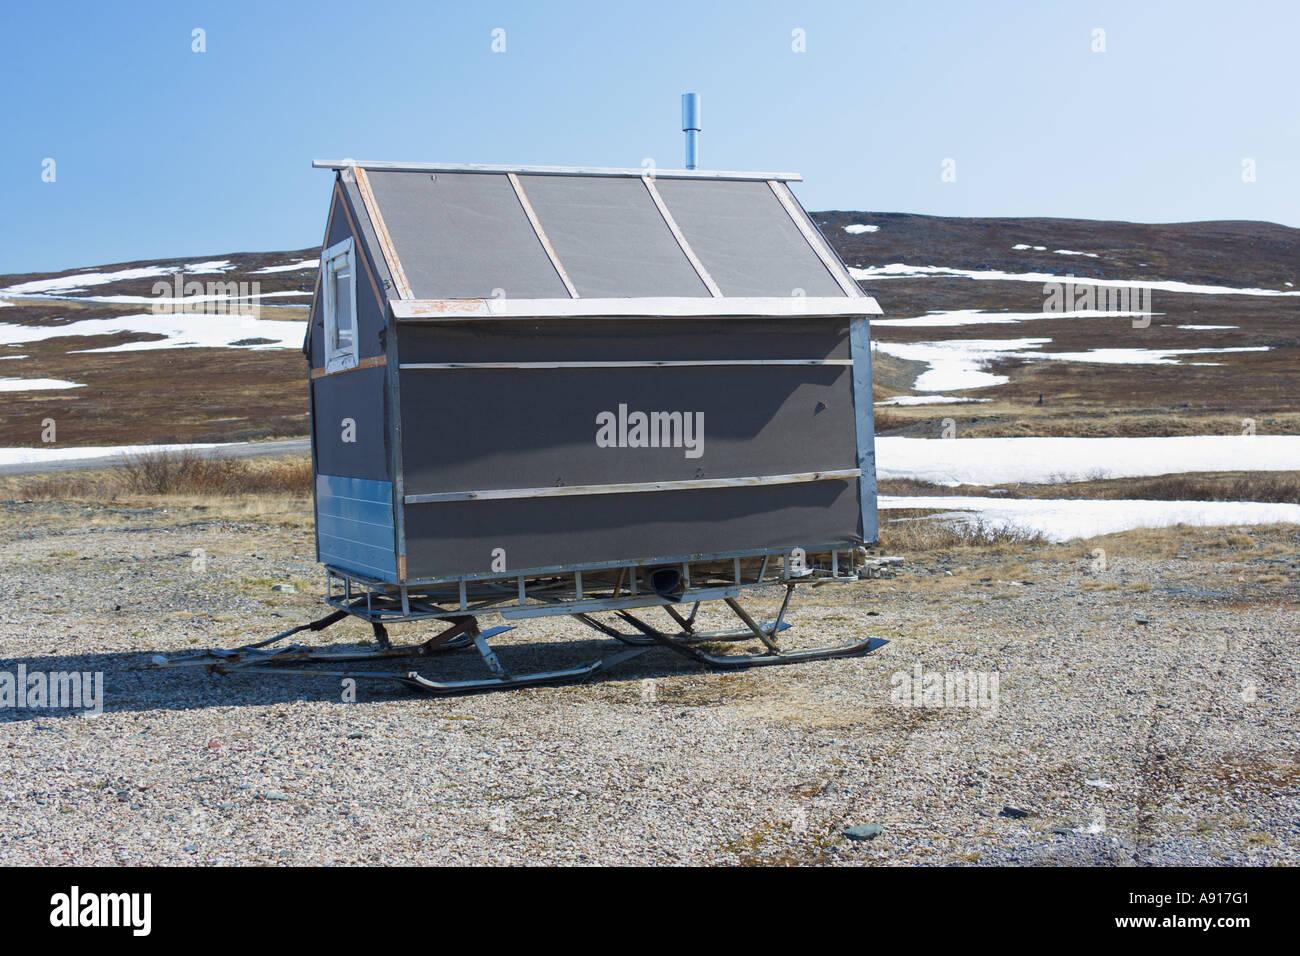 Capanna sugli sci in presenza di neve tundra artica paesaggio Immagini Stock